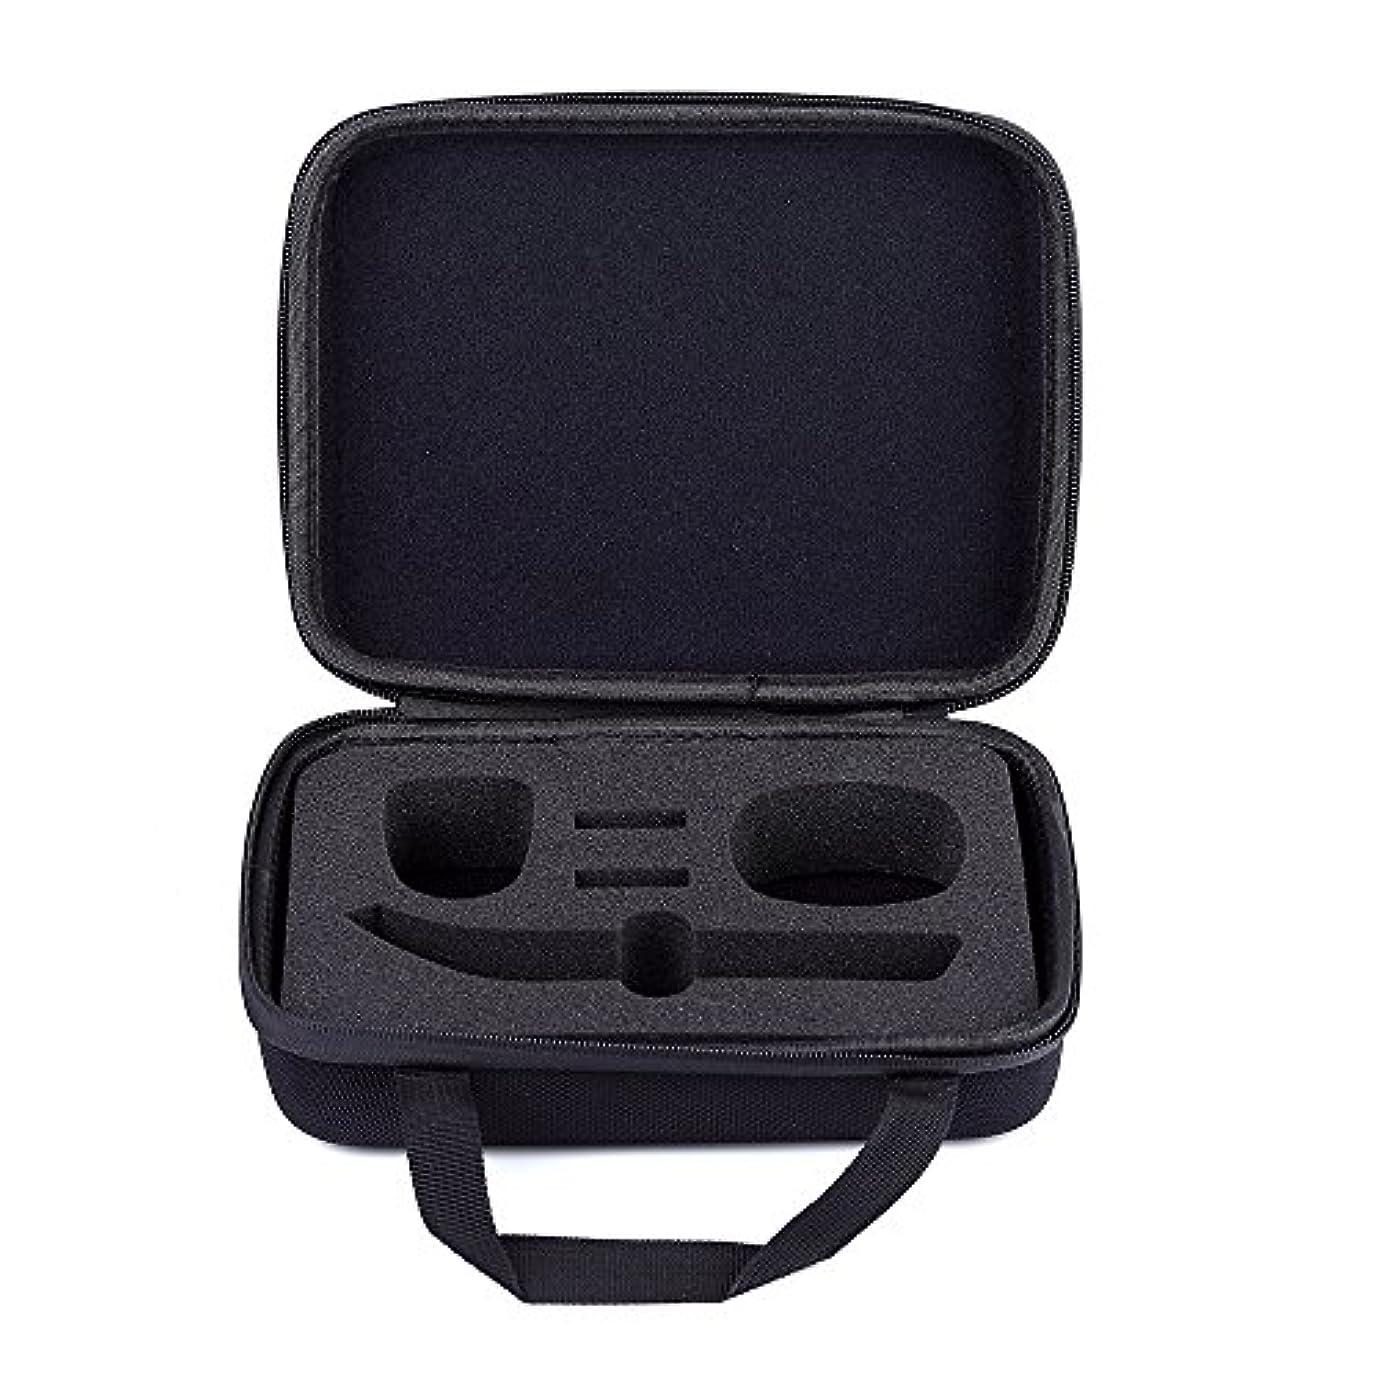 電池眉をひそめるコーチACAMPTAR トラベルのハードバッグ、携帯用ケース、Norelco Oneblade Pro用、転倒防止、防水、実用的なPhilipsシェーバー用の収納ボックス